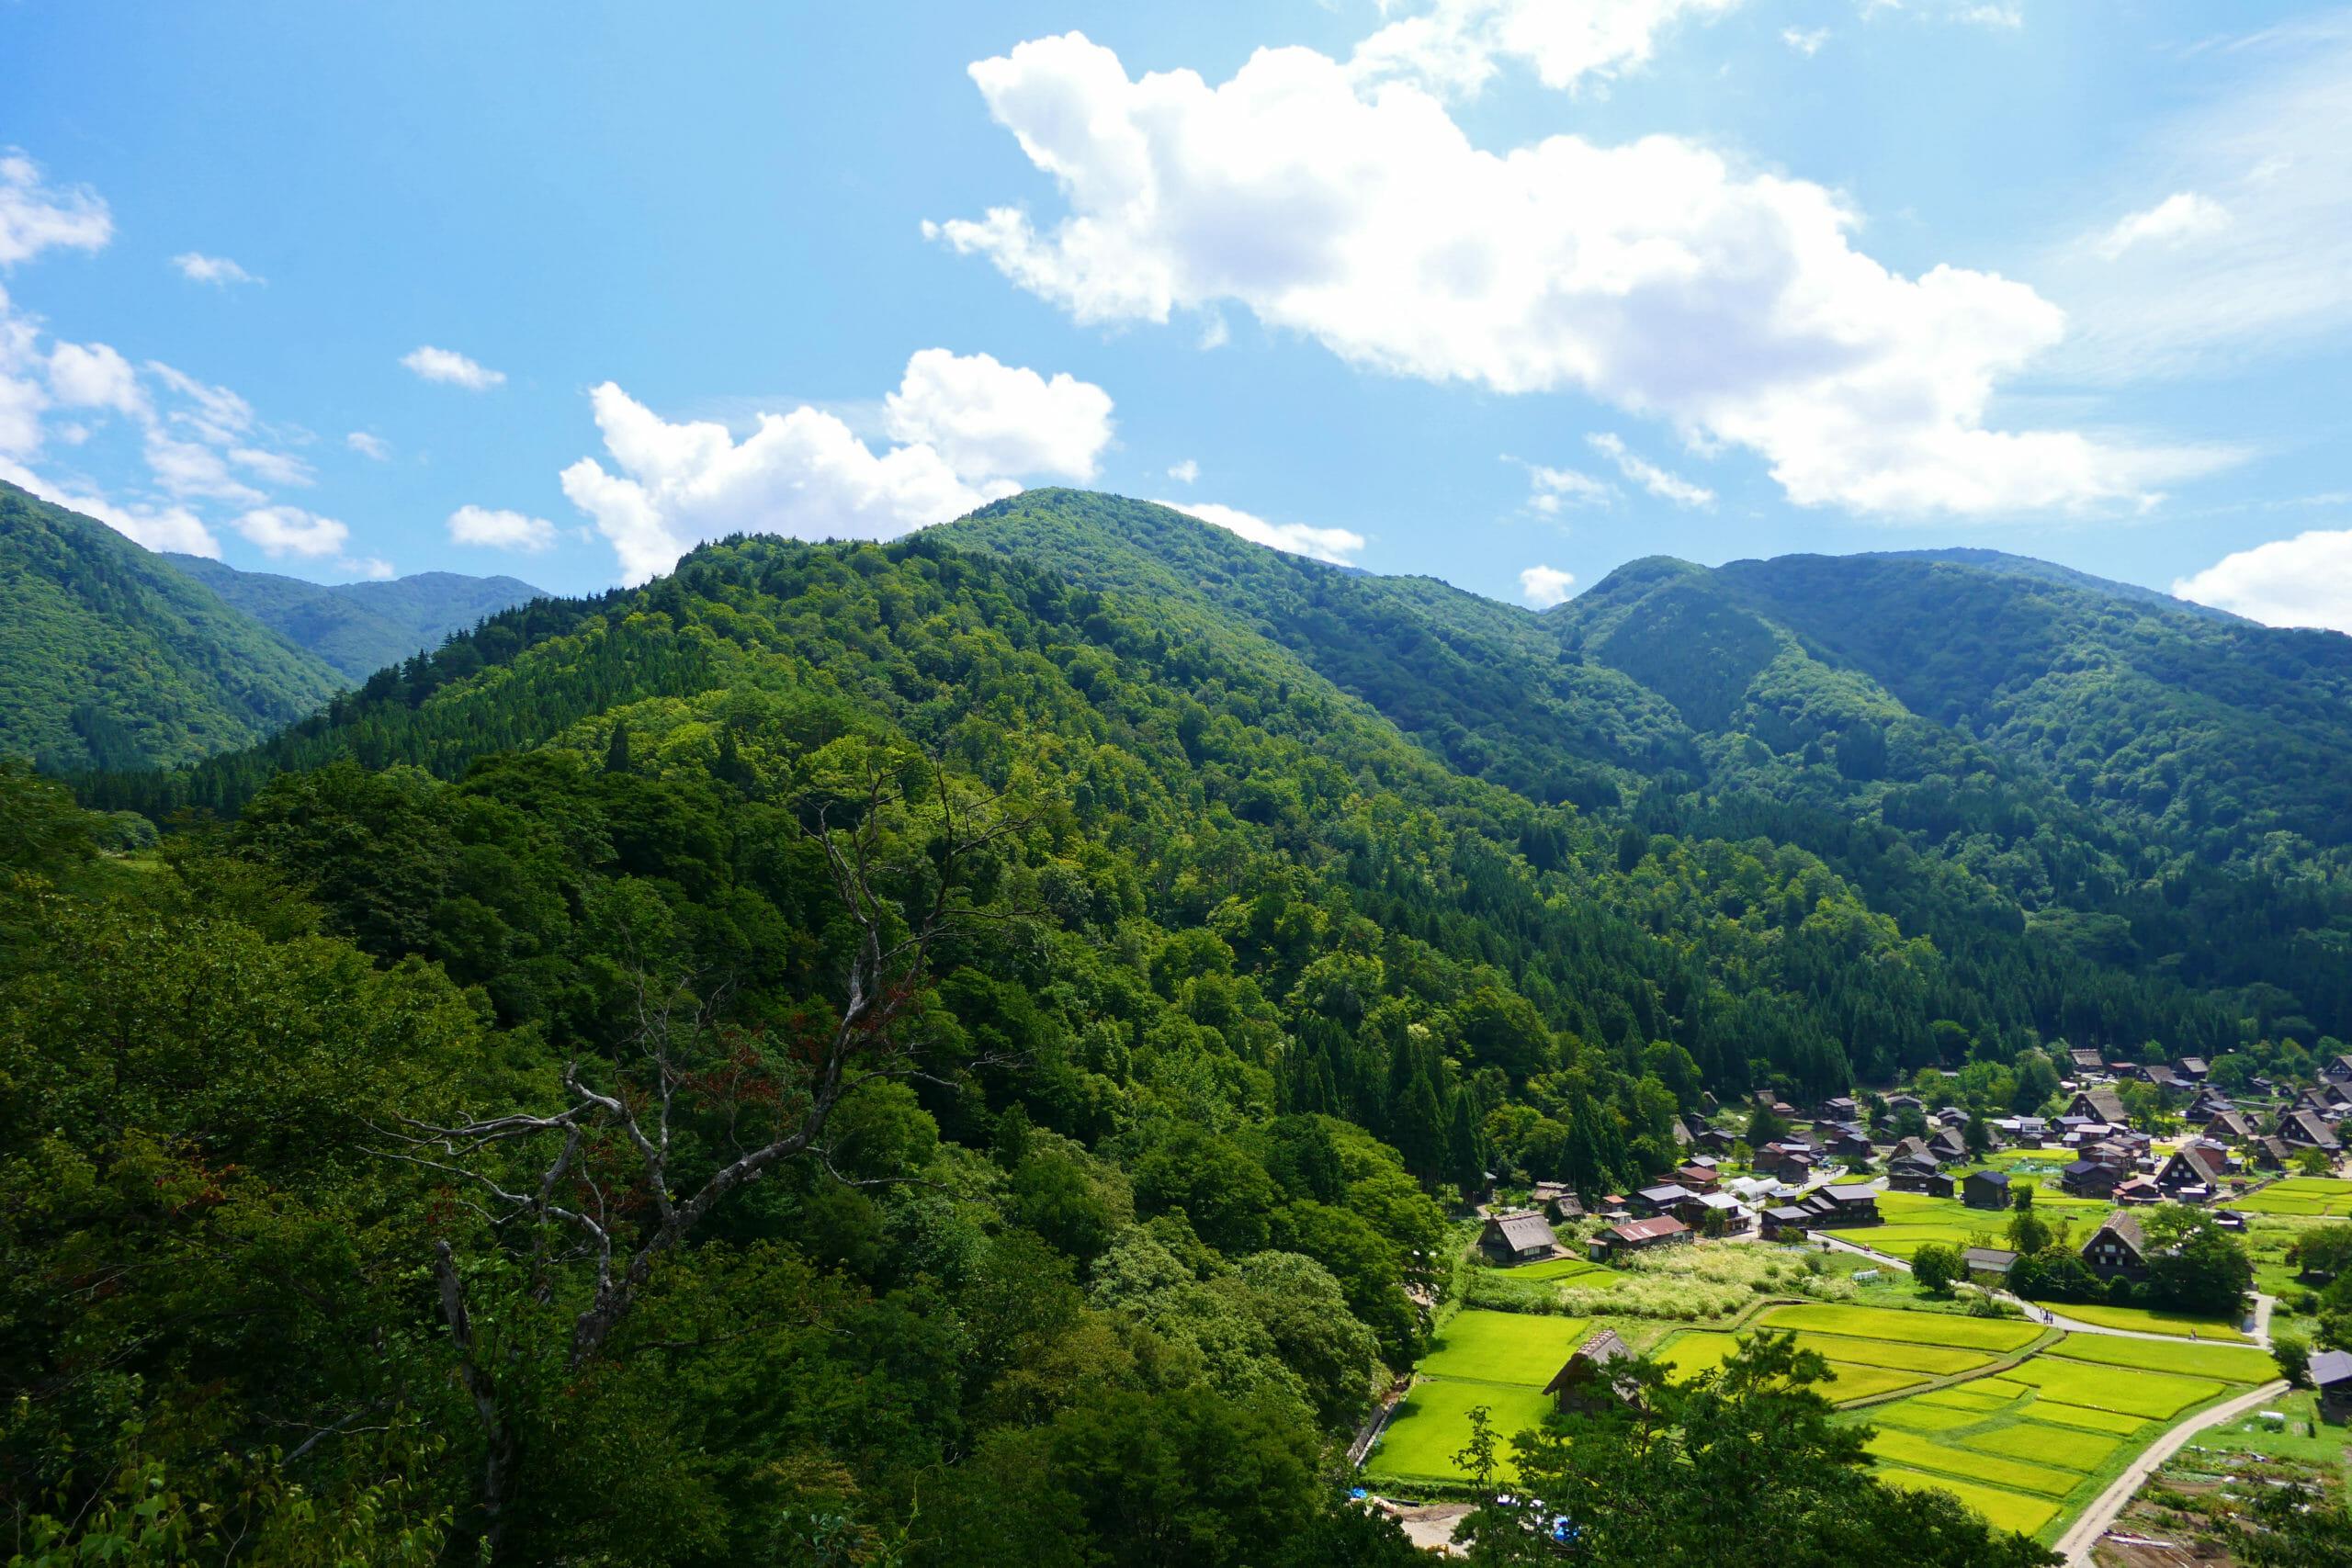 japanese-mountain-village-harvest-season-gifu-1448108132